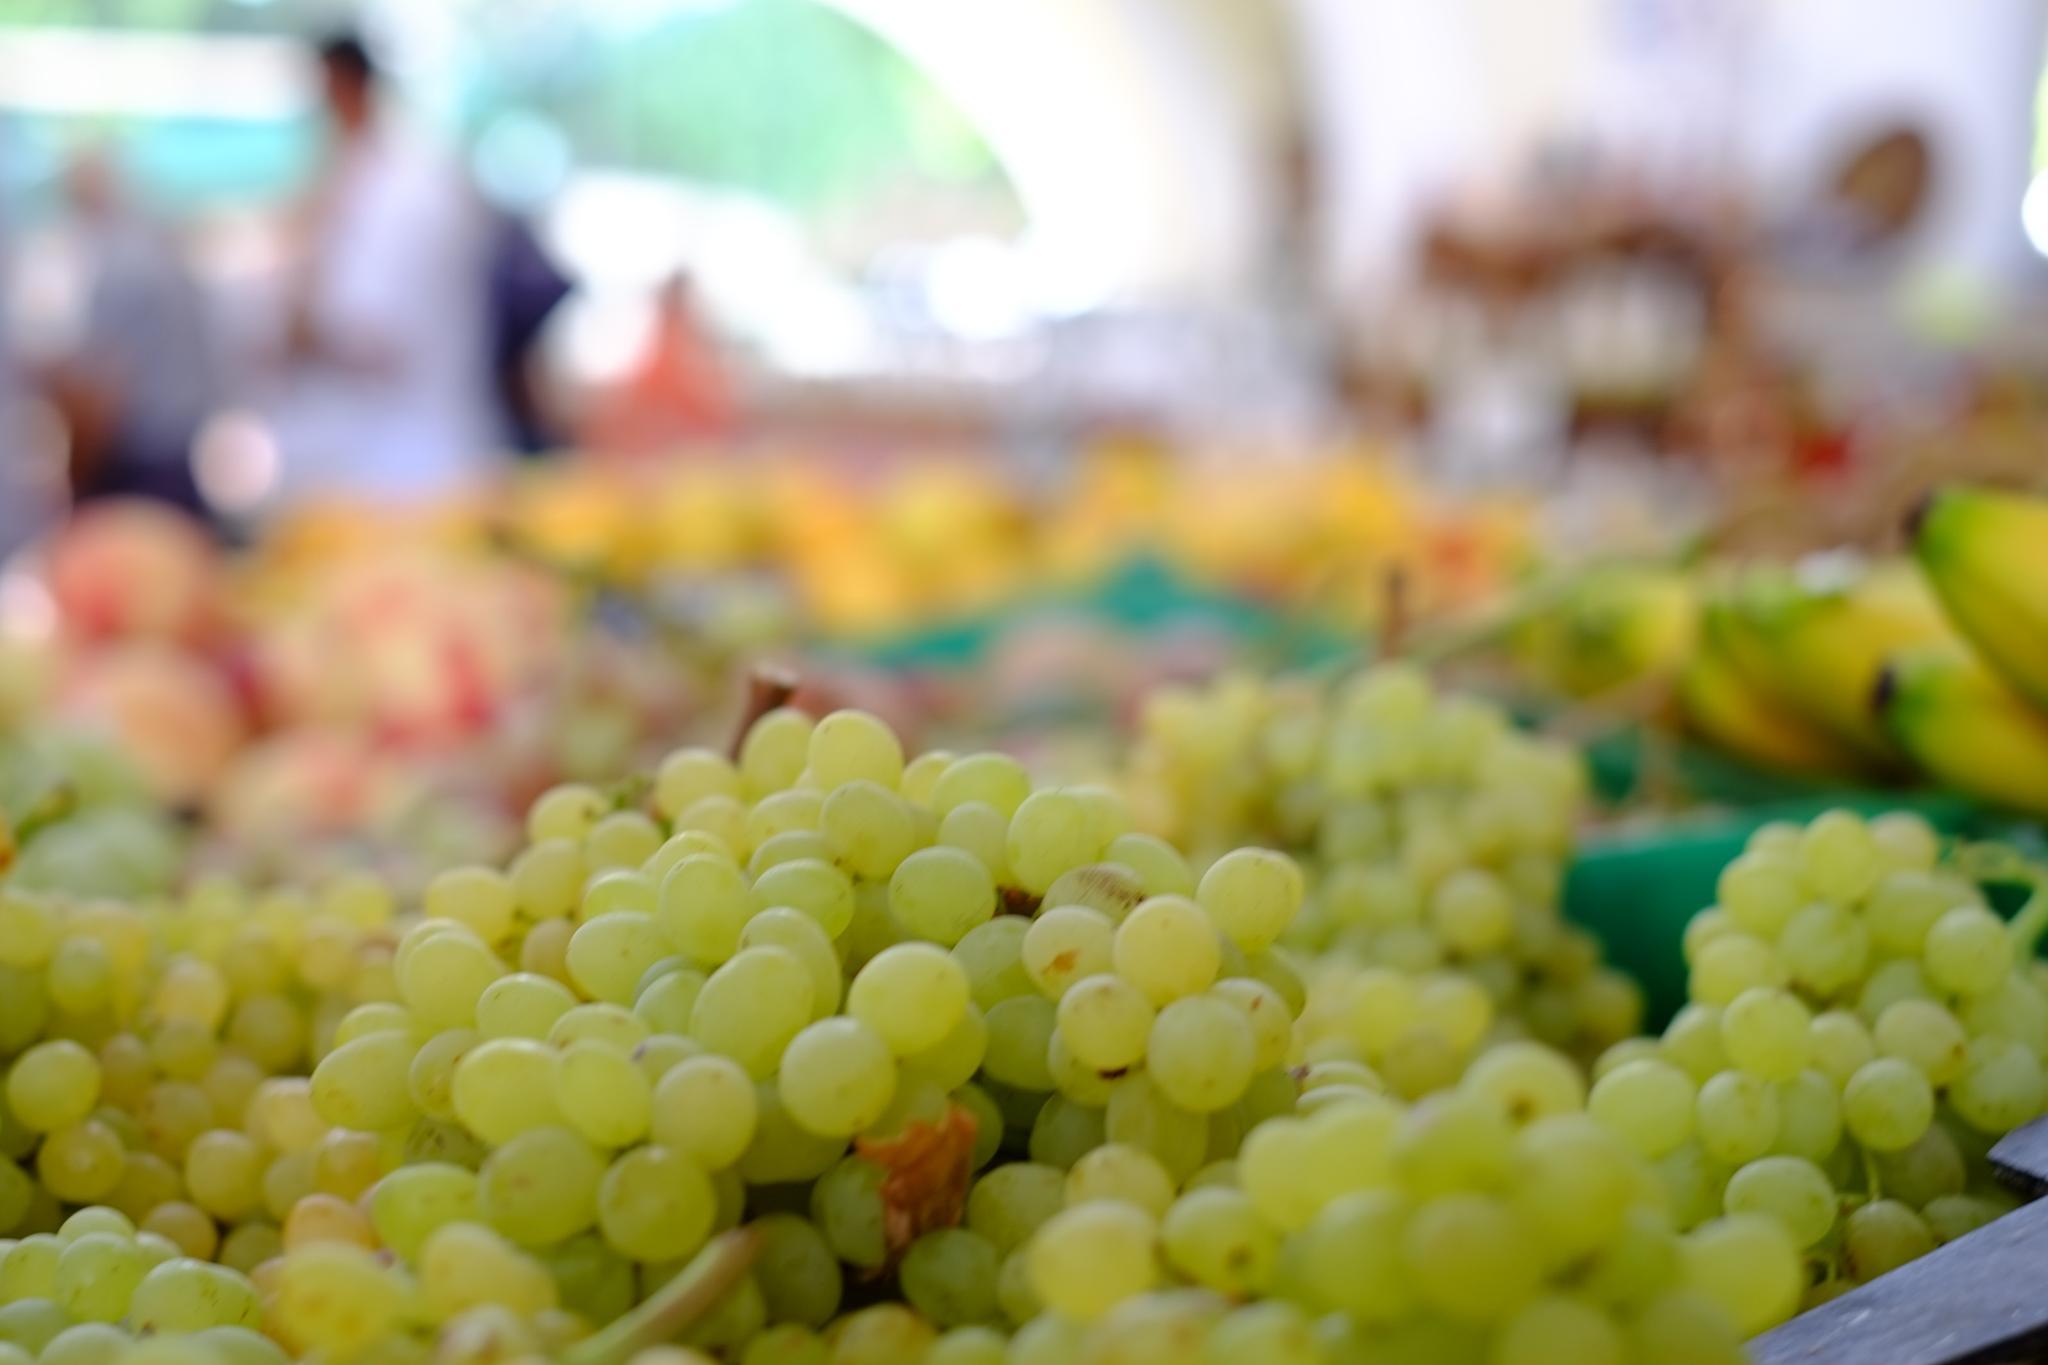 Grapes by peterkryzun